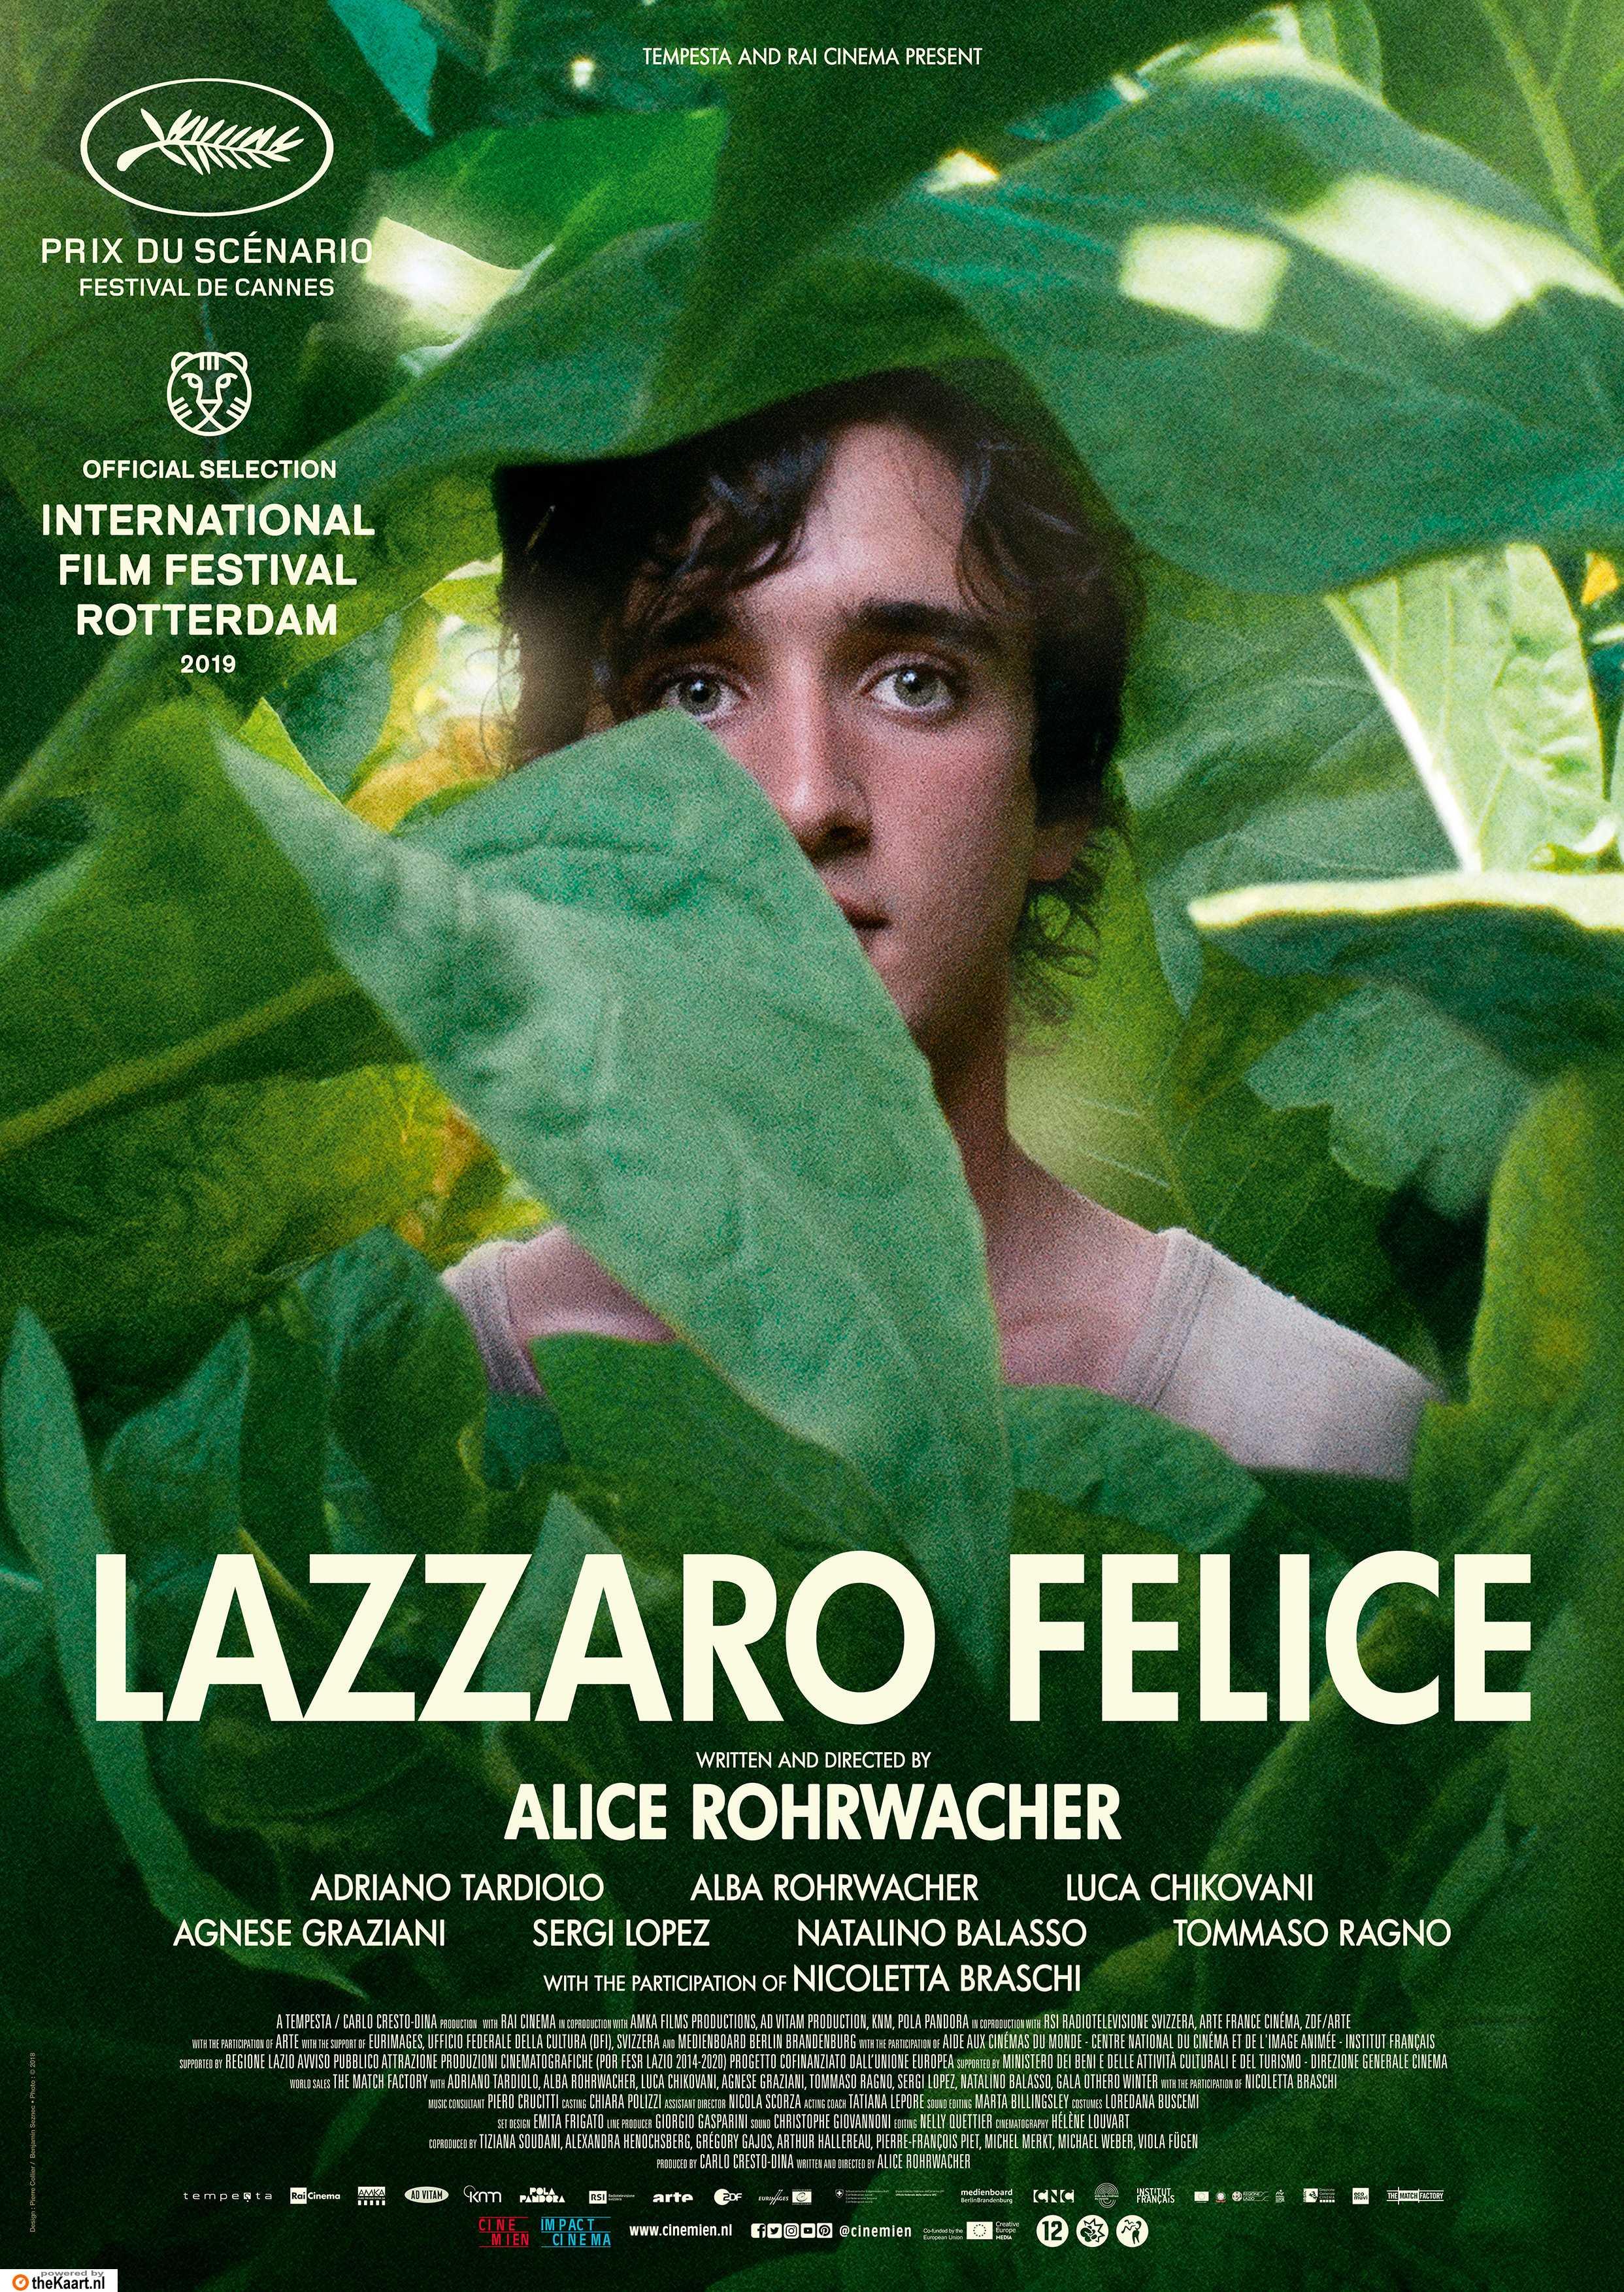 Lazzaro felice poster, © 2018 Cinemien